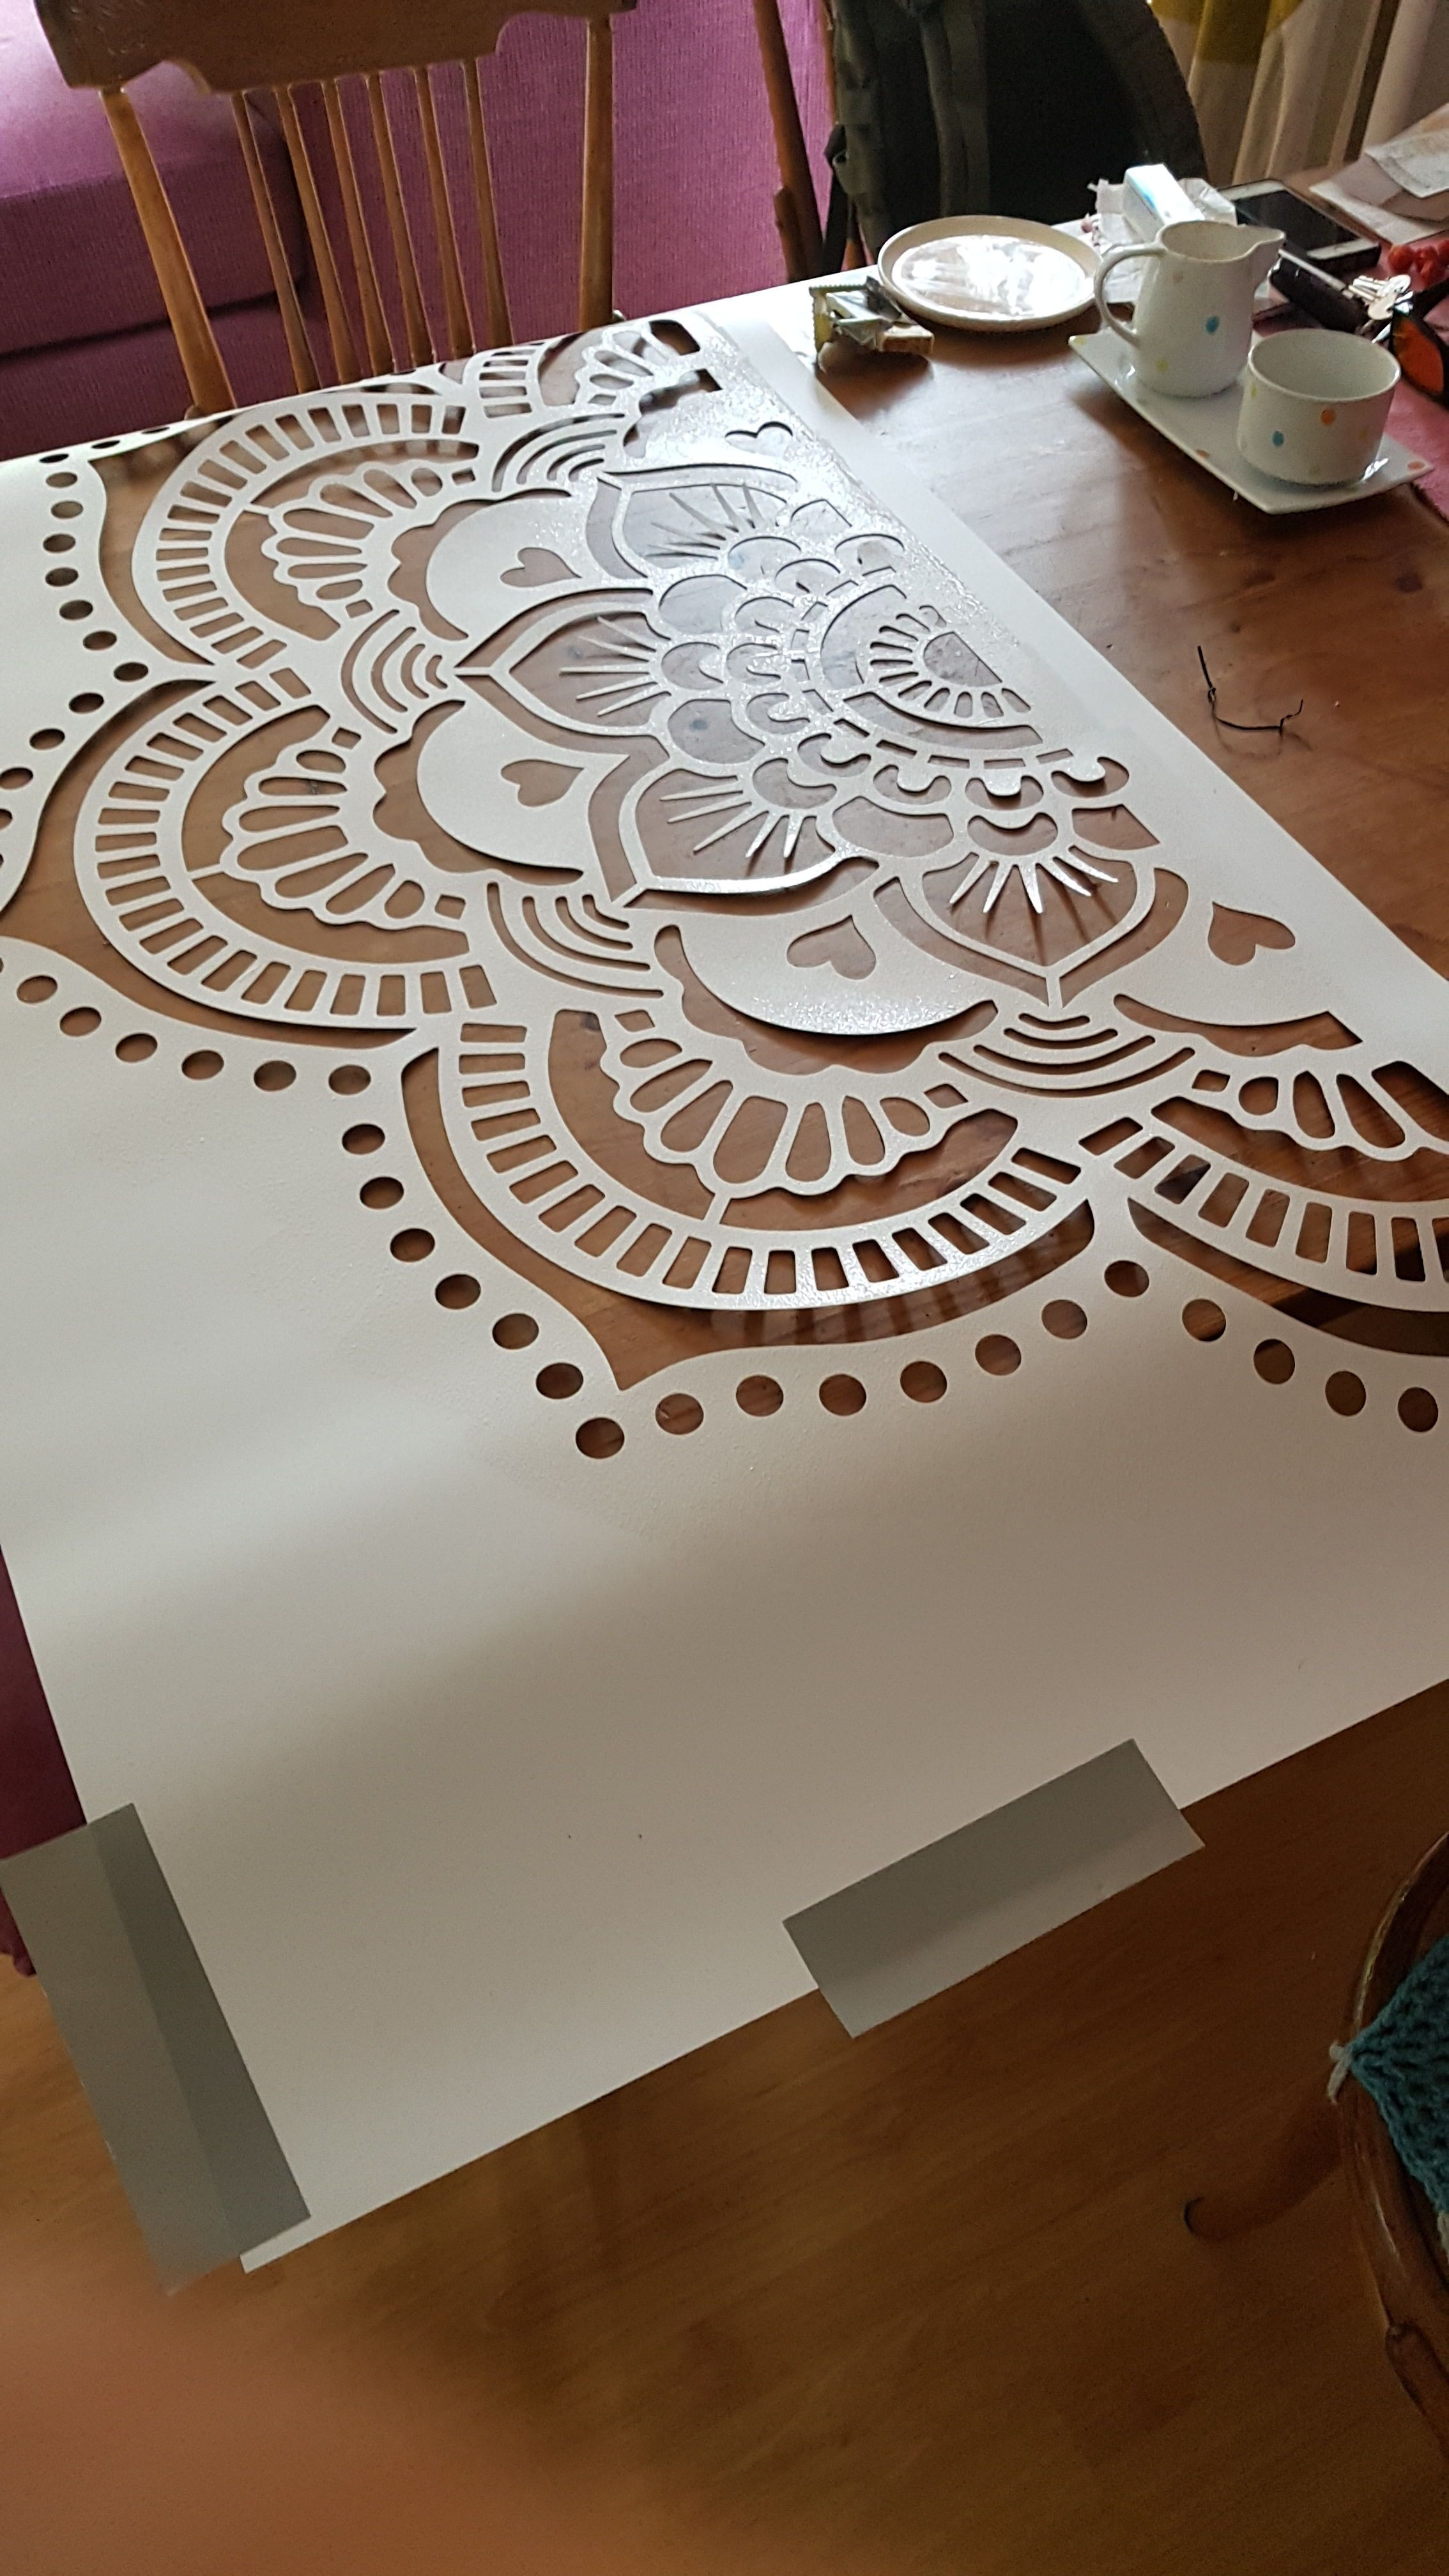 Rolin Roly Mandala Stencil Riutilizzabile Plastica Disegno Pittura Modello di Stencil Scrapbook Pareti DIY Decorazione Stencil per Pittura Pareti